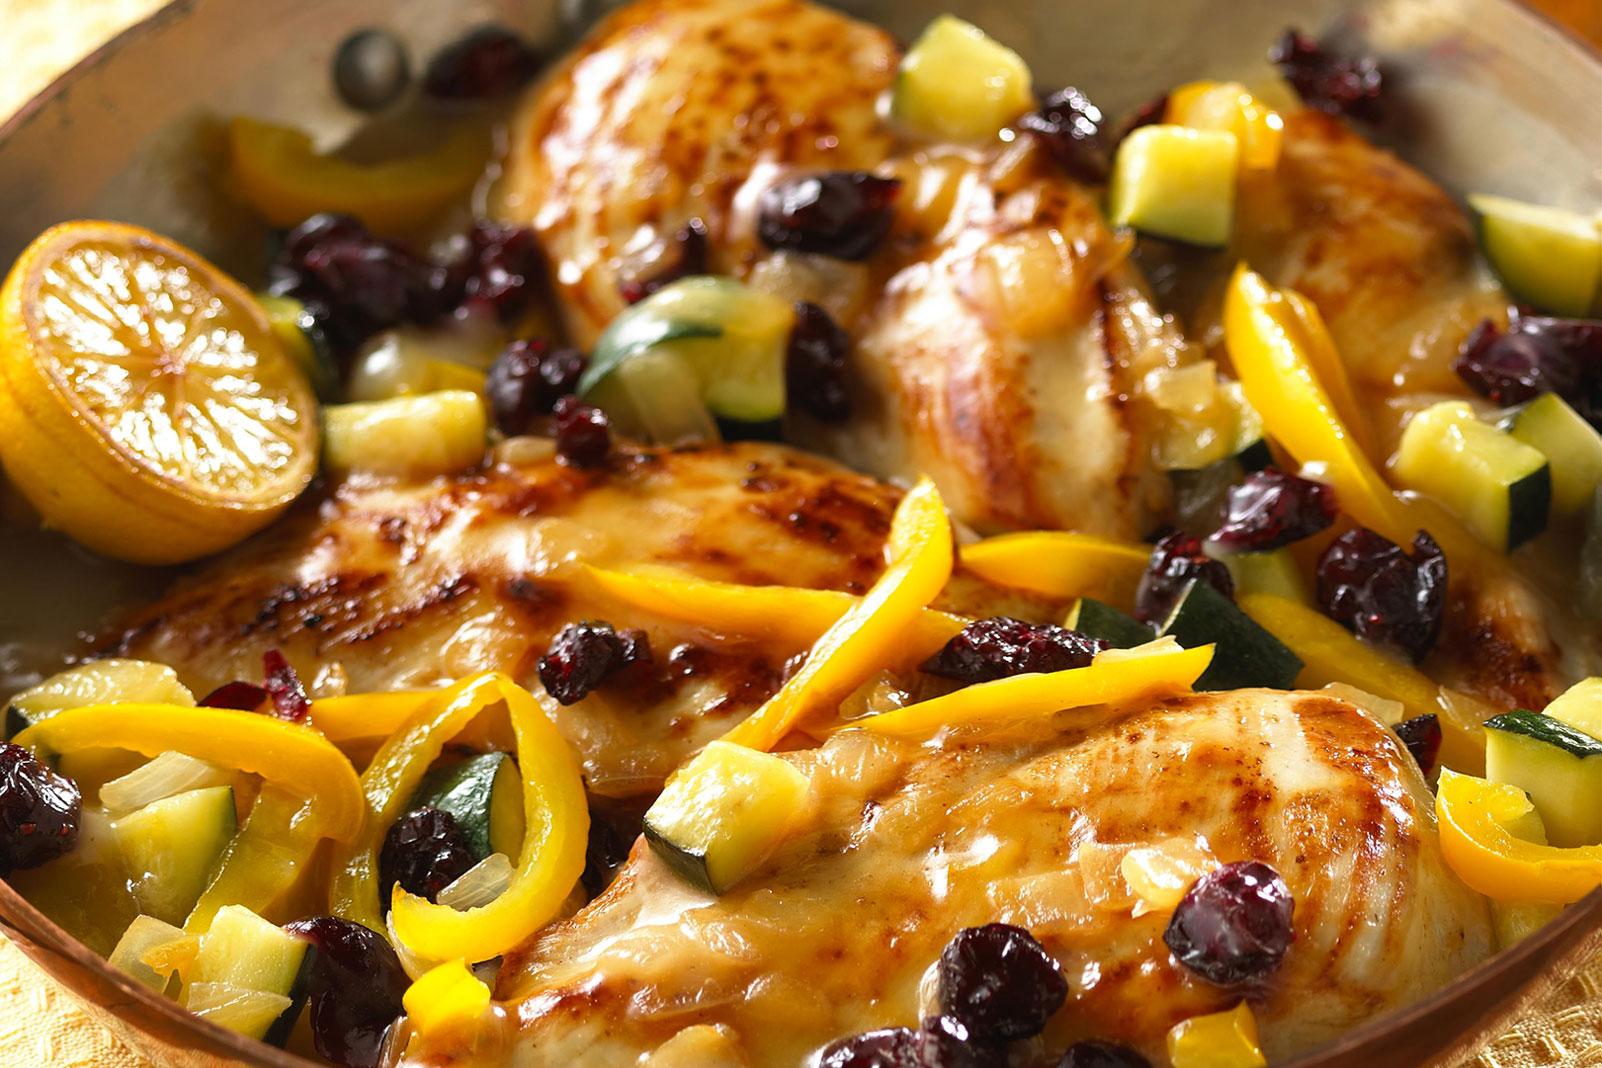 Lemon Blueberry Chicken Skillet